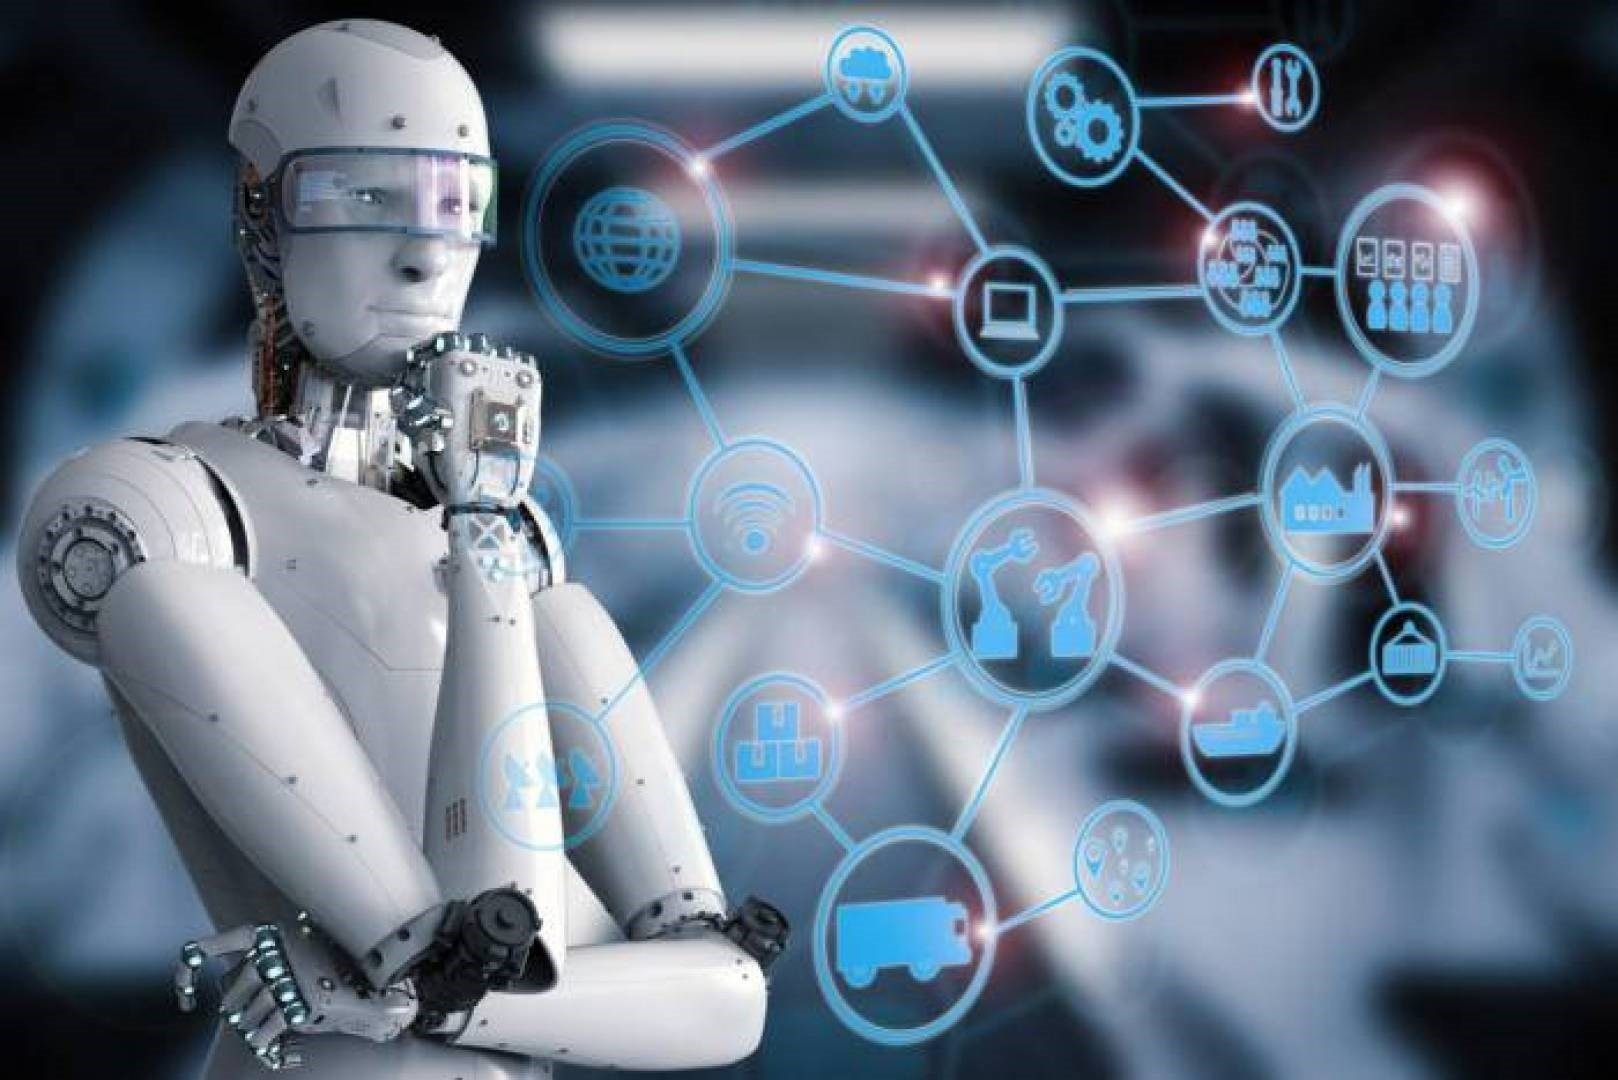 الذكاء الاصطناعي.. سلاح متفلت من القيود يطرح إشكاليات أخلاقية